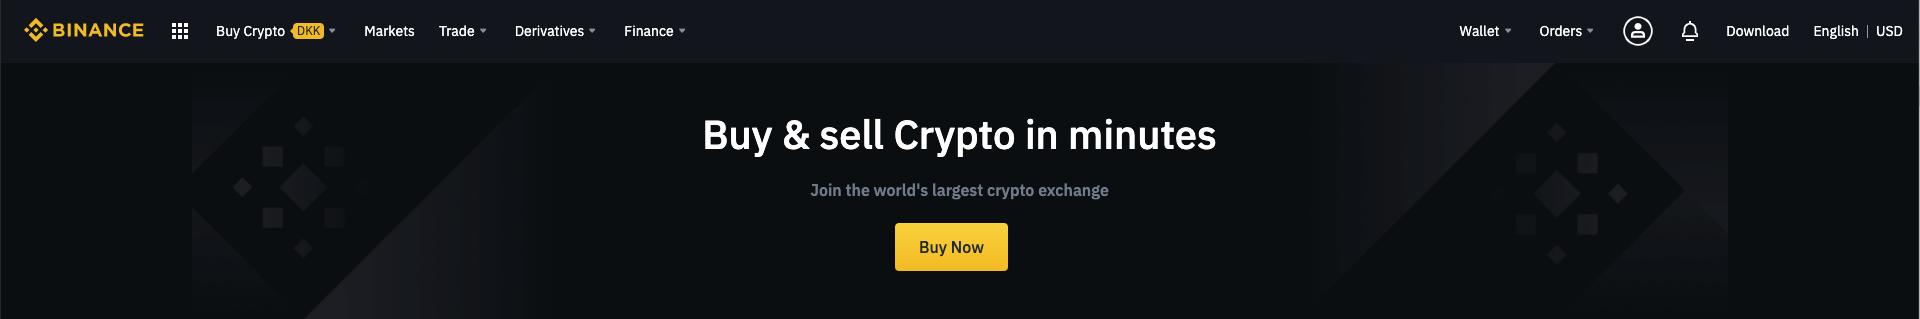 Opret dig på Binance og start med at handle Crypto